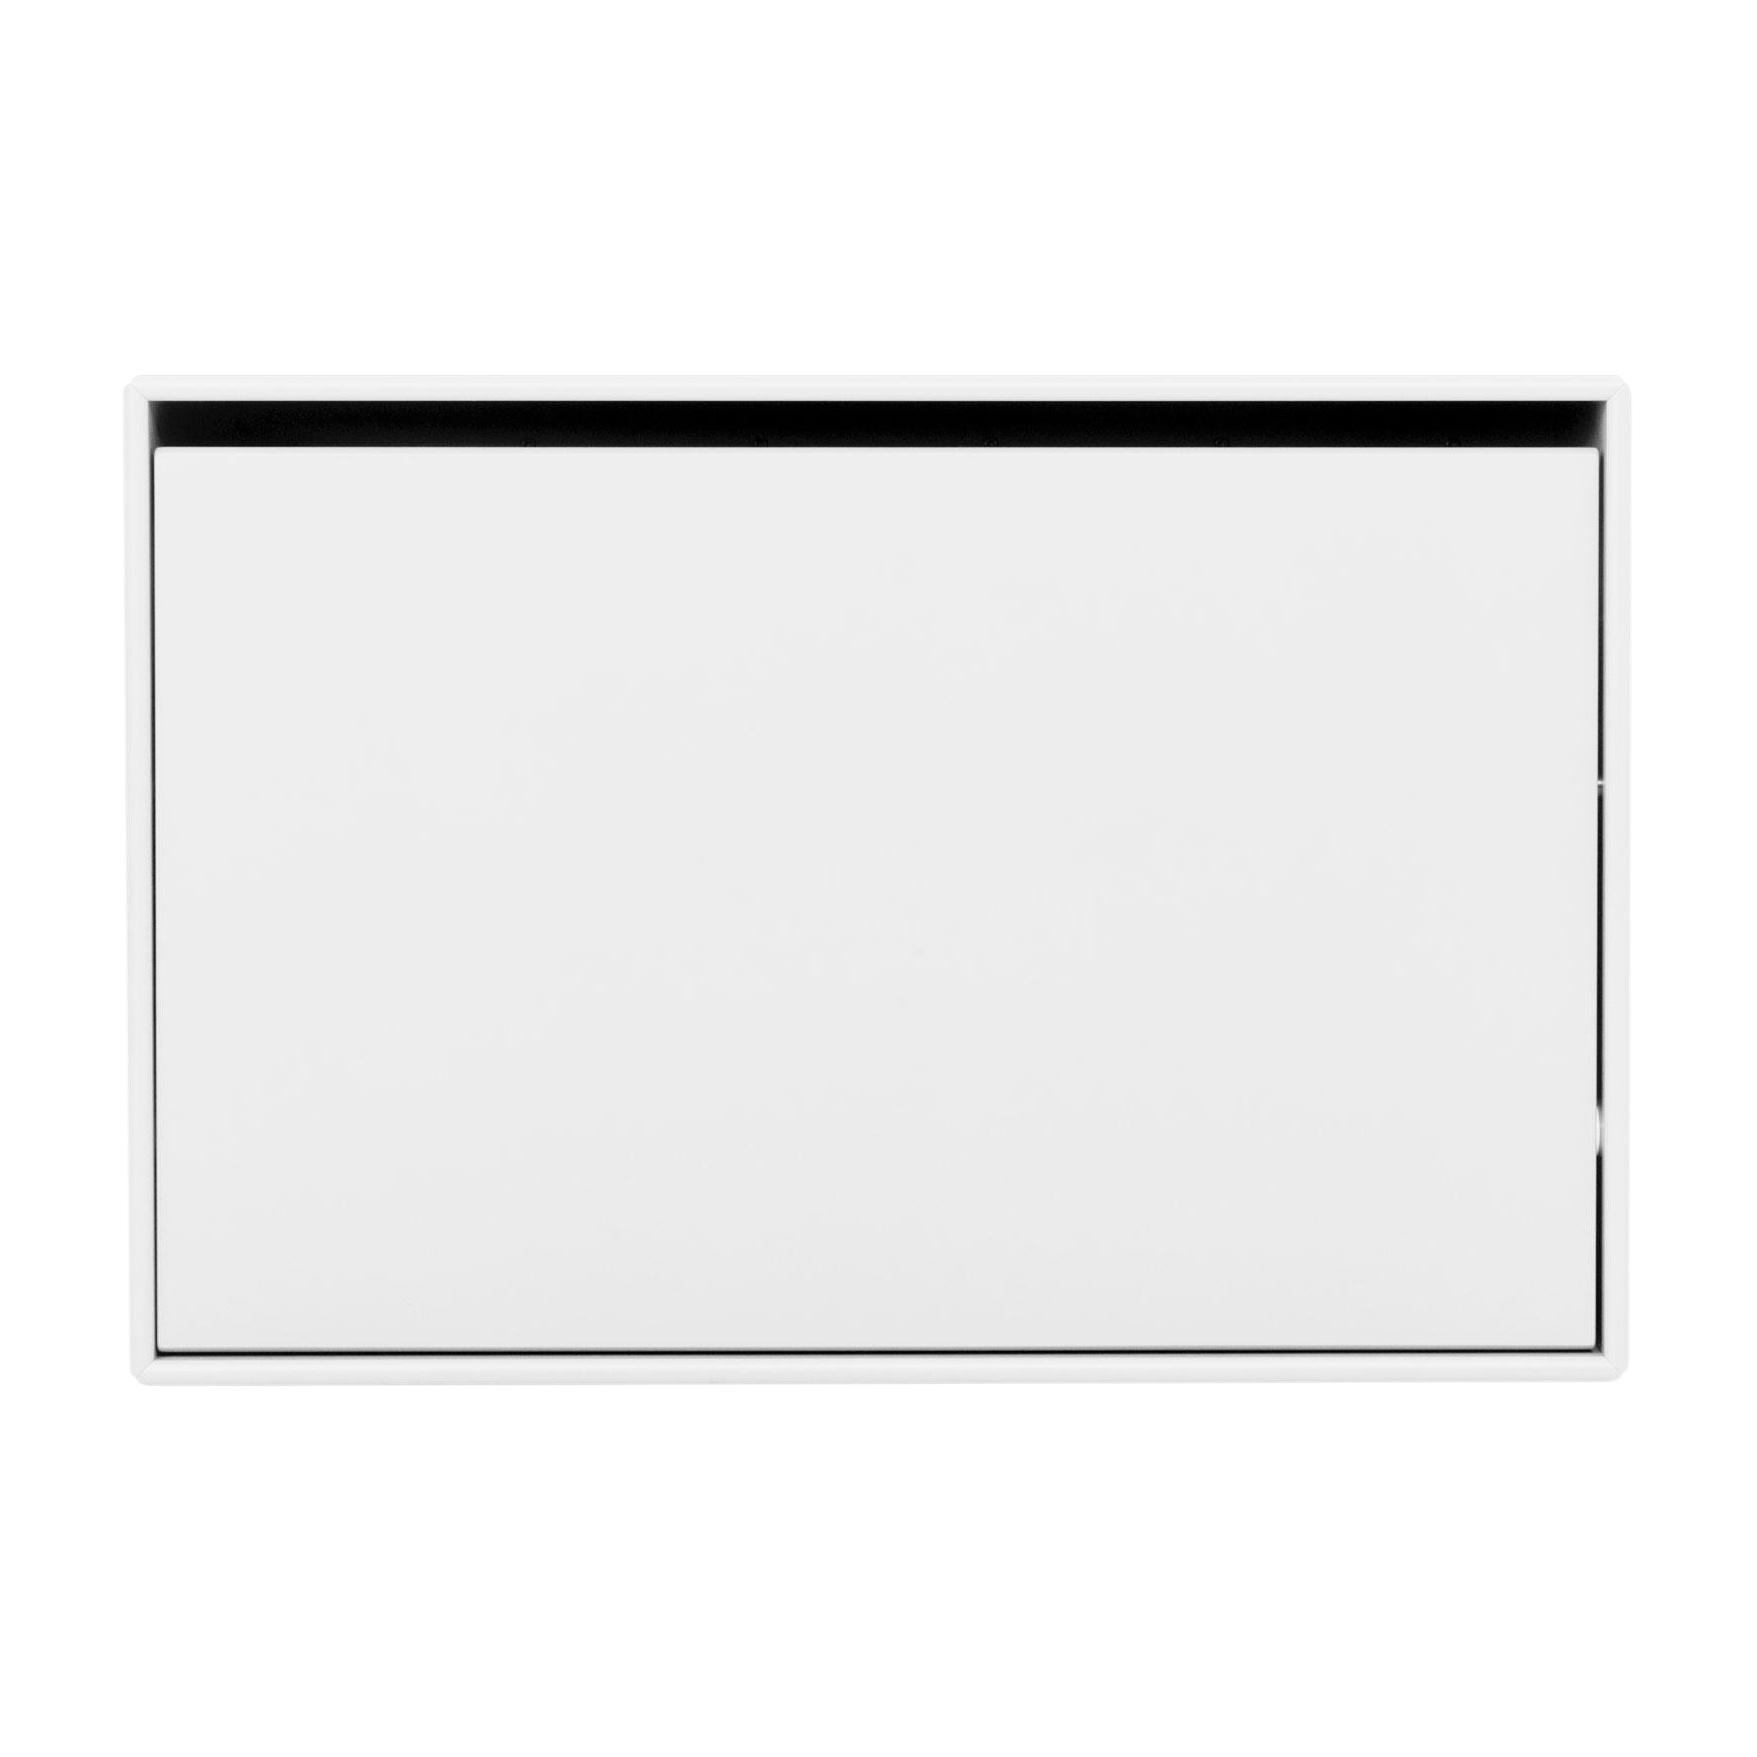 Montana - Hide Schuhschrank Tiefe 20cm - new white 101/mit Kipptür/BxHxT 69.6x46.8x20cm | Flur & Diele > Schuhschränke und Kommoden | Montana